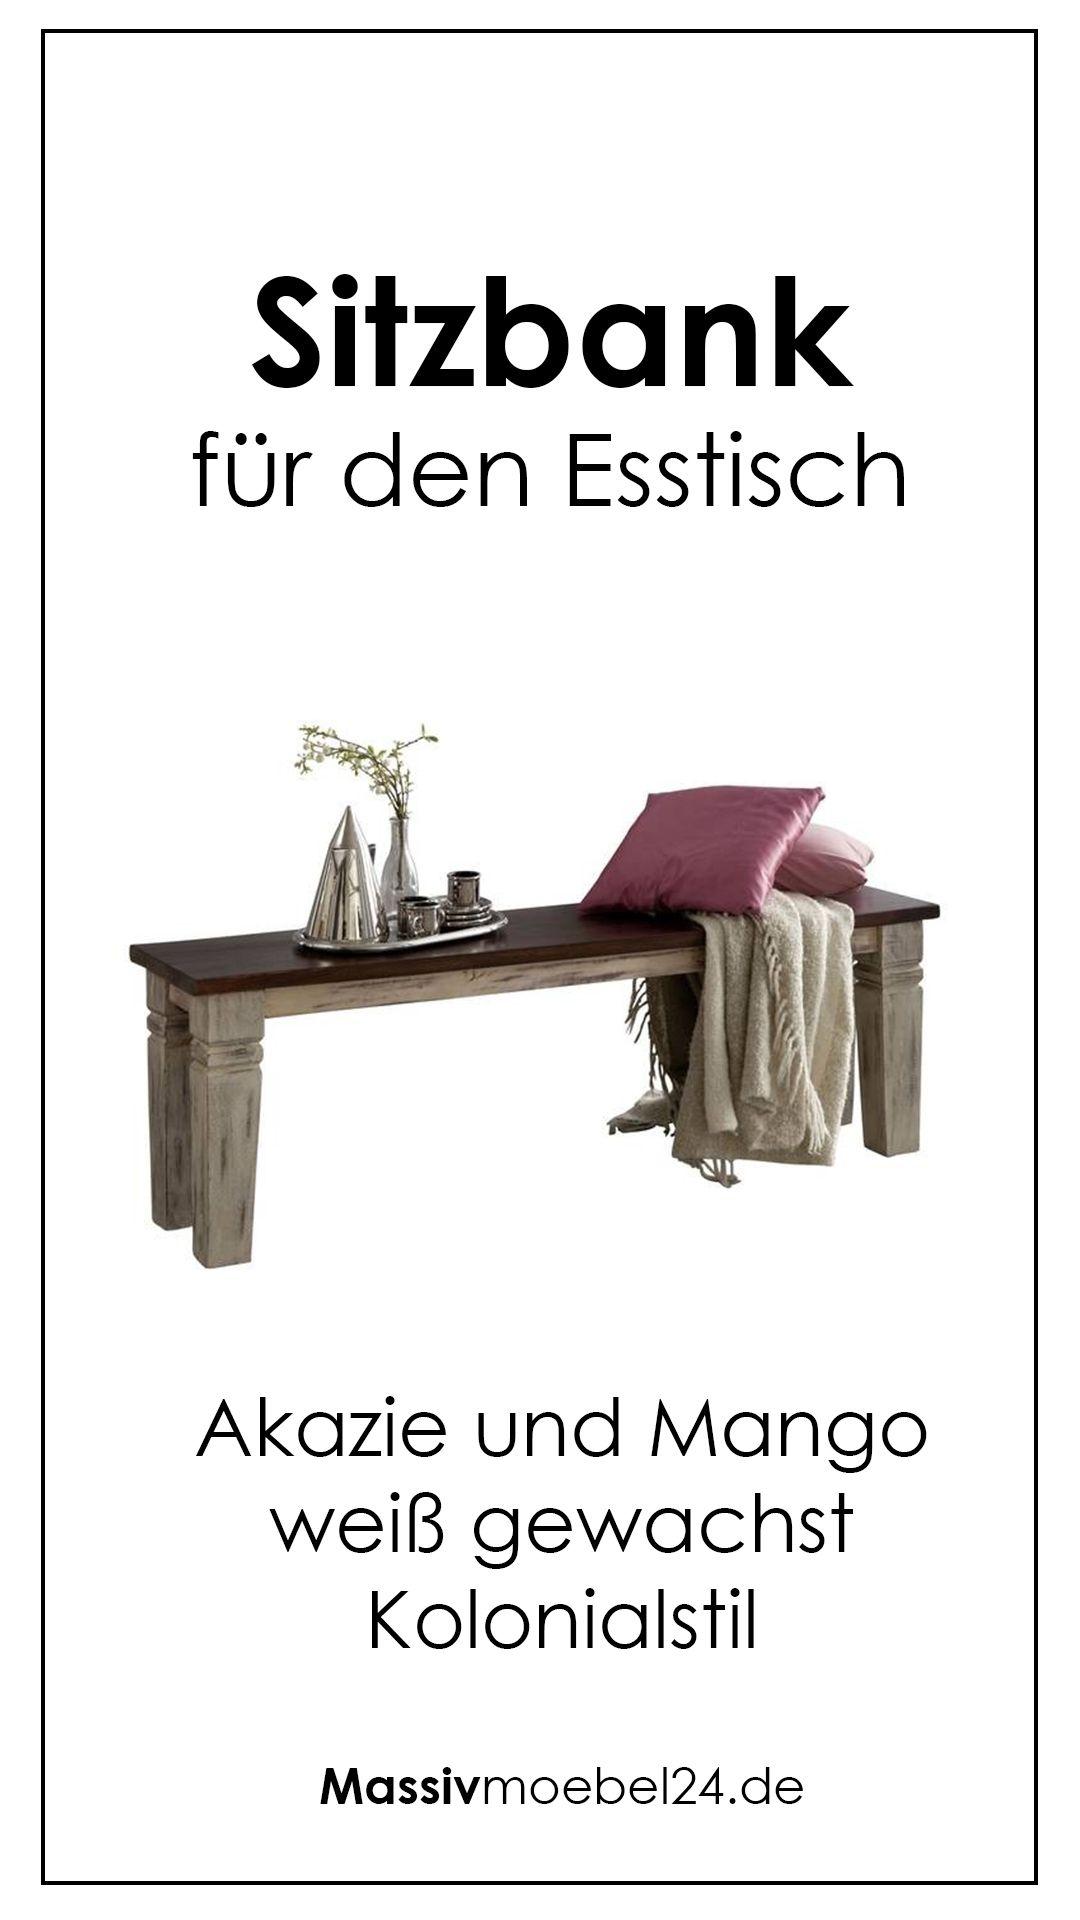 Sitzbank Castle Antik Mango Akazie 100x35x45 Cm Kolonialstil Couchtisch Quadratisch Couchtisch Kolonialstil Couchtisch Weiss Hochglanz